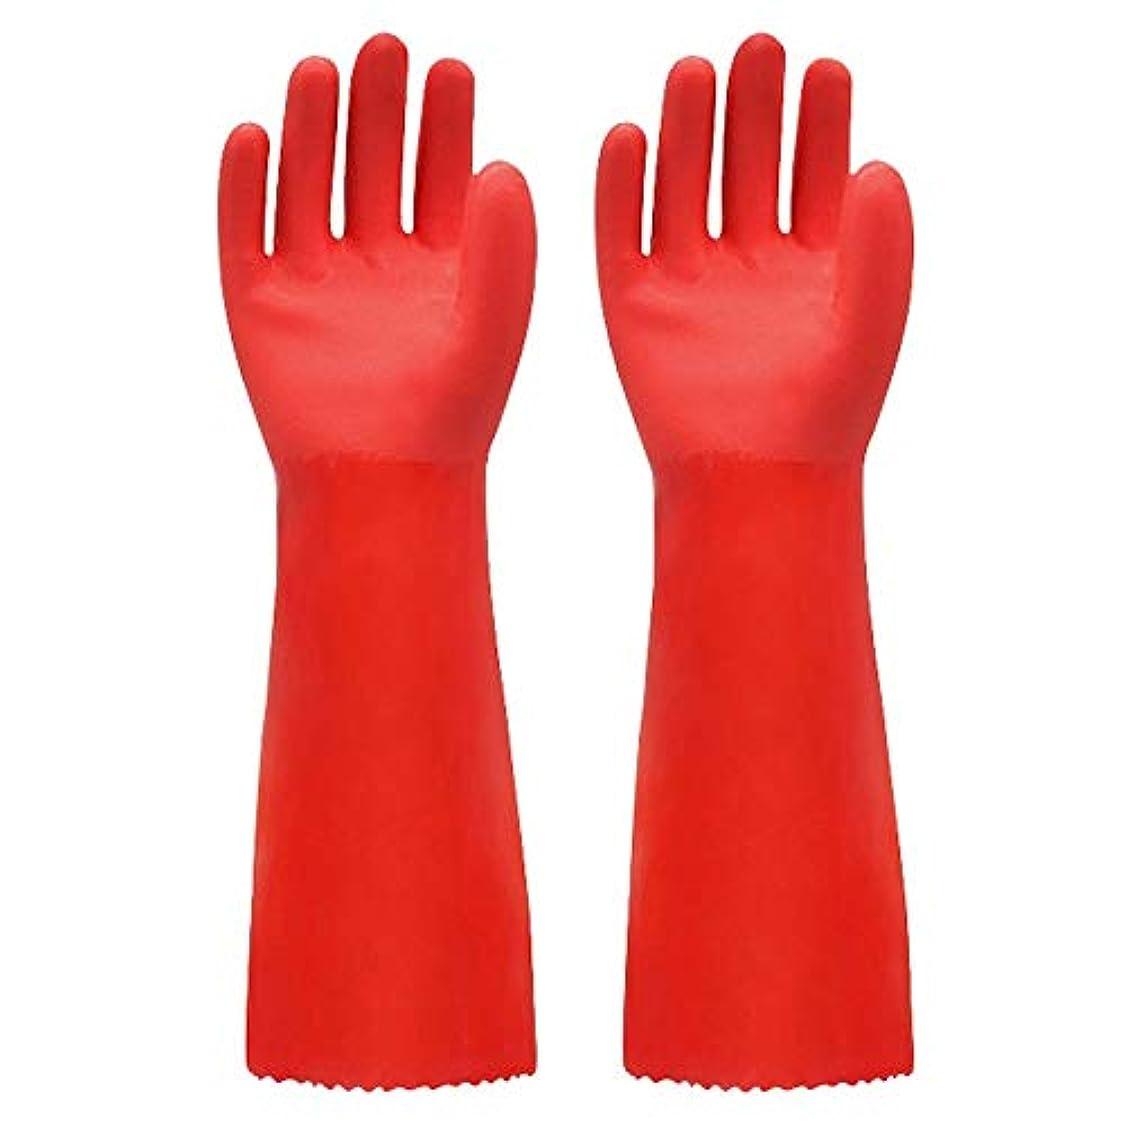 連鎖白菜伴う使い捨て手袋 ゴム手袋長く暖かいとビロードのゴム製防水と耐久性のある手袋、1ペア ニトリルゴム手袋 (Color : RED, Size : L)